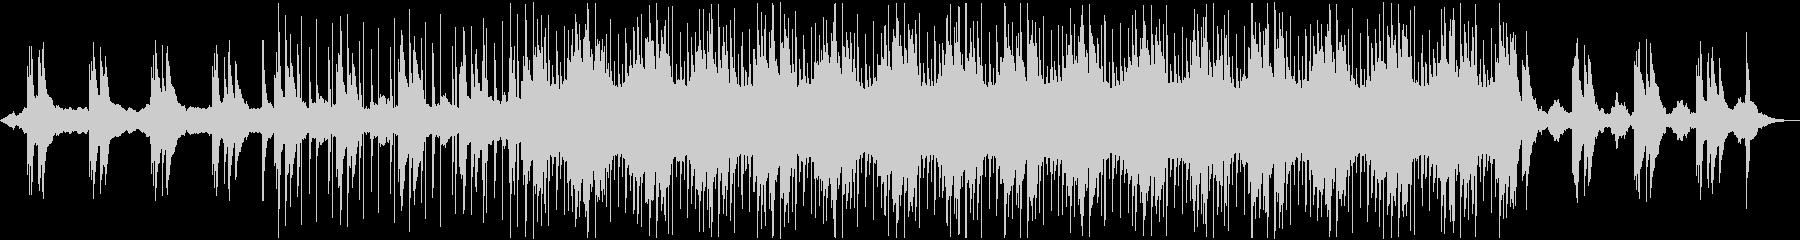 暖かさに包まれるチルホップ [ピアノ]の未再生の波形